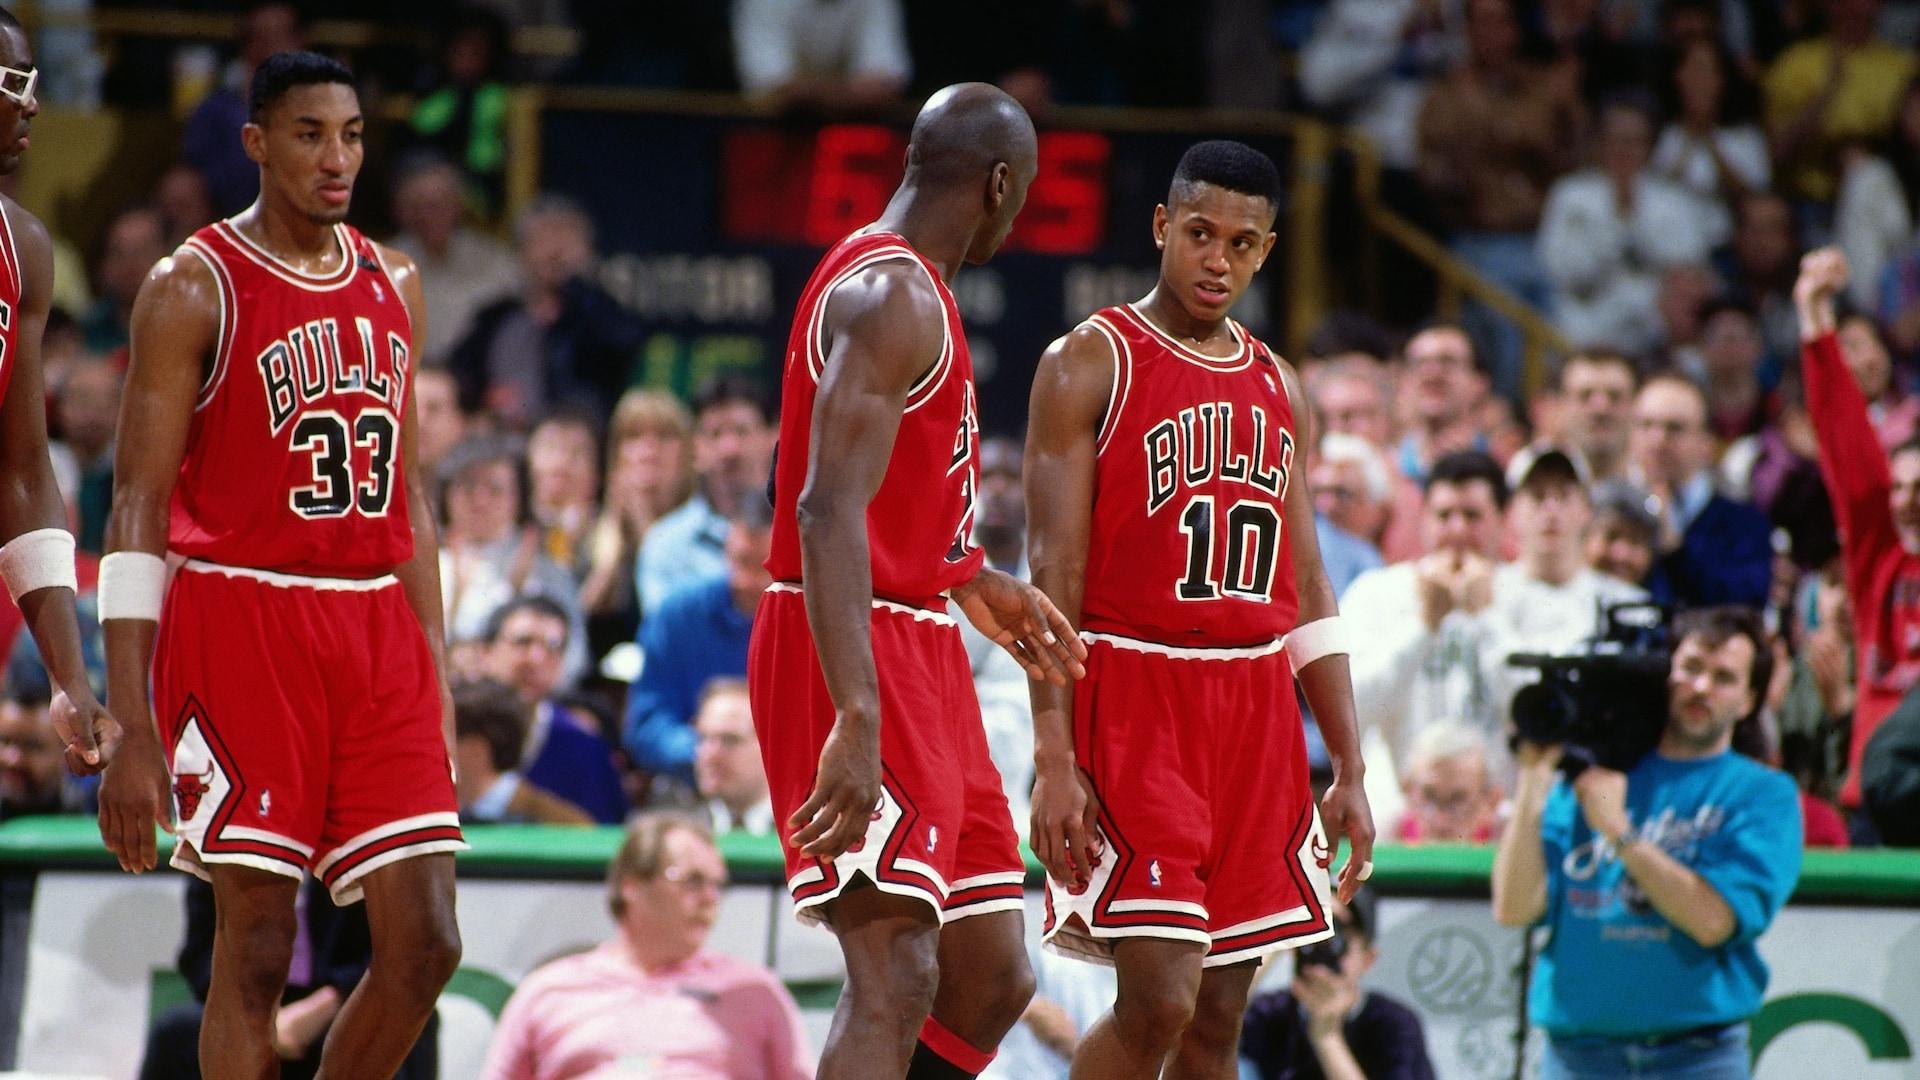 Jordan's teammates saw price of fame firsthand